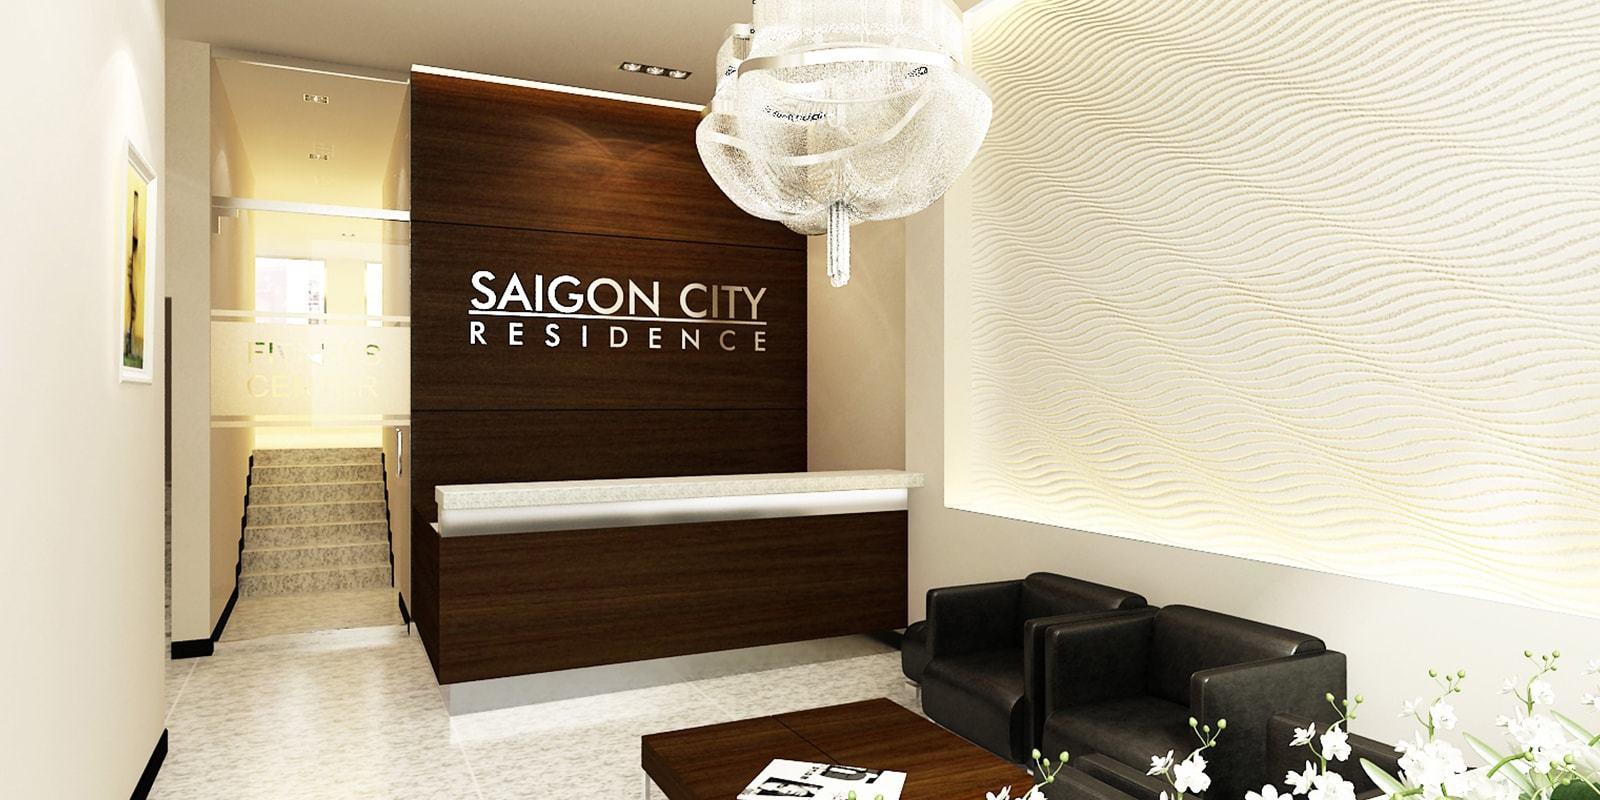 Saigon City Residence Hero